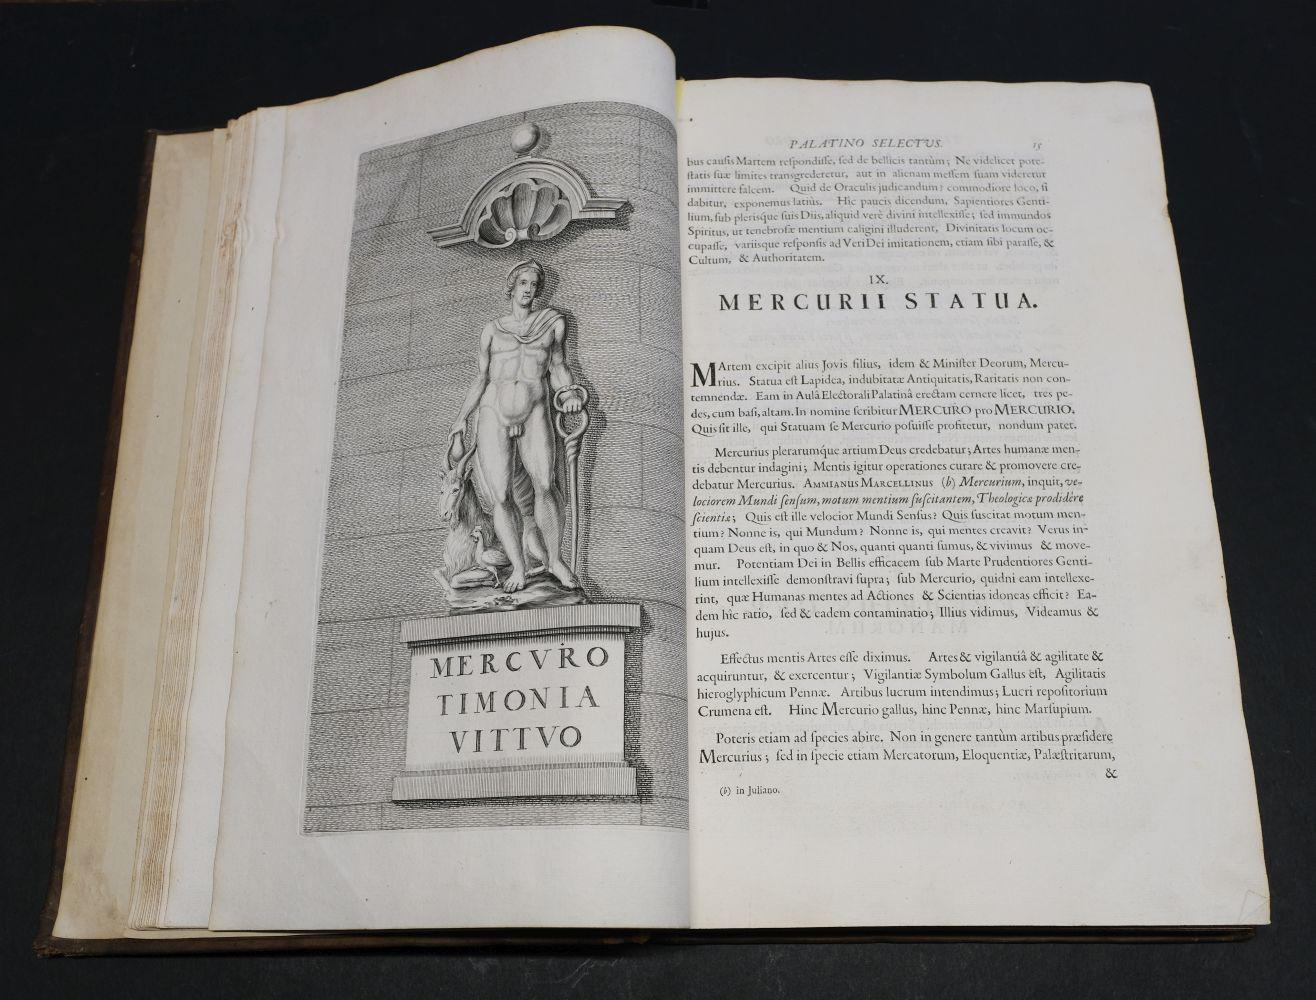 Beger (Lorenzo). Thesaurus ex Thesauro Palatino Selectus, 1685 - Image 6 of 9